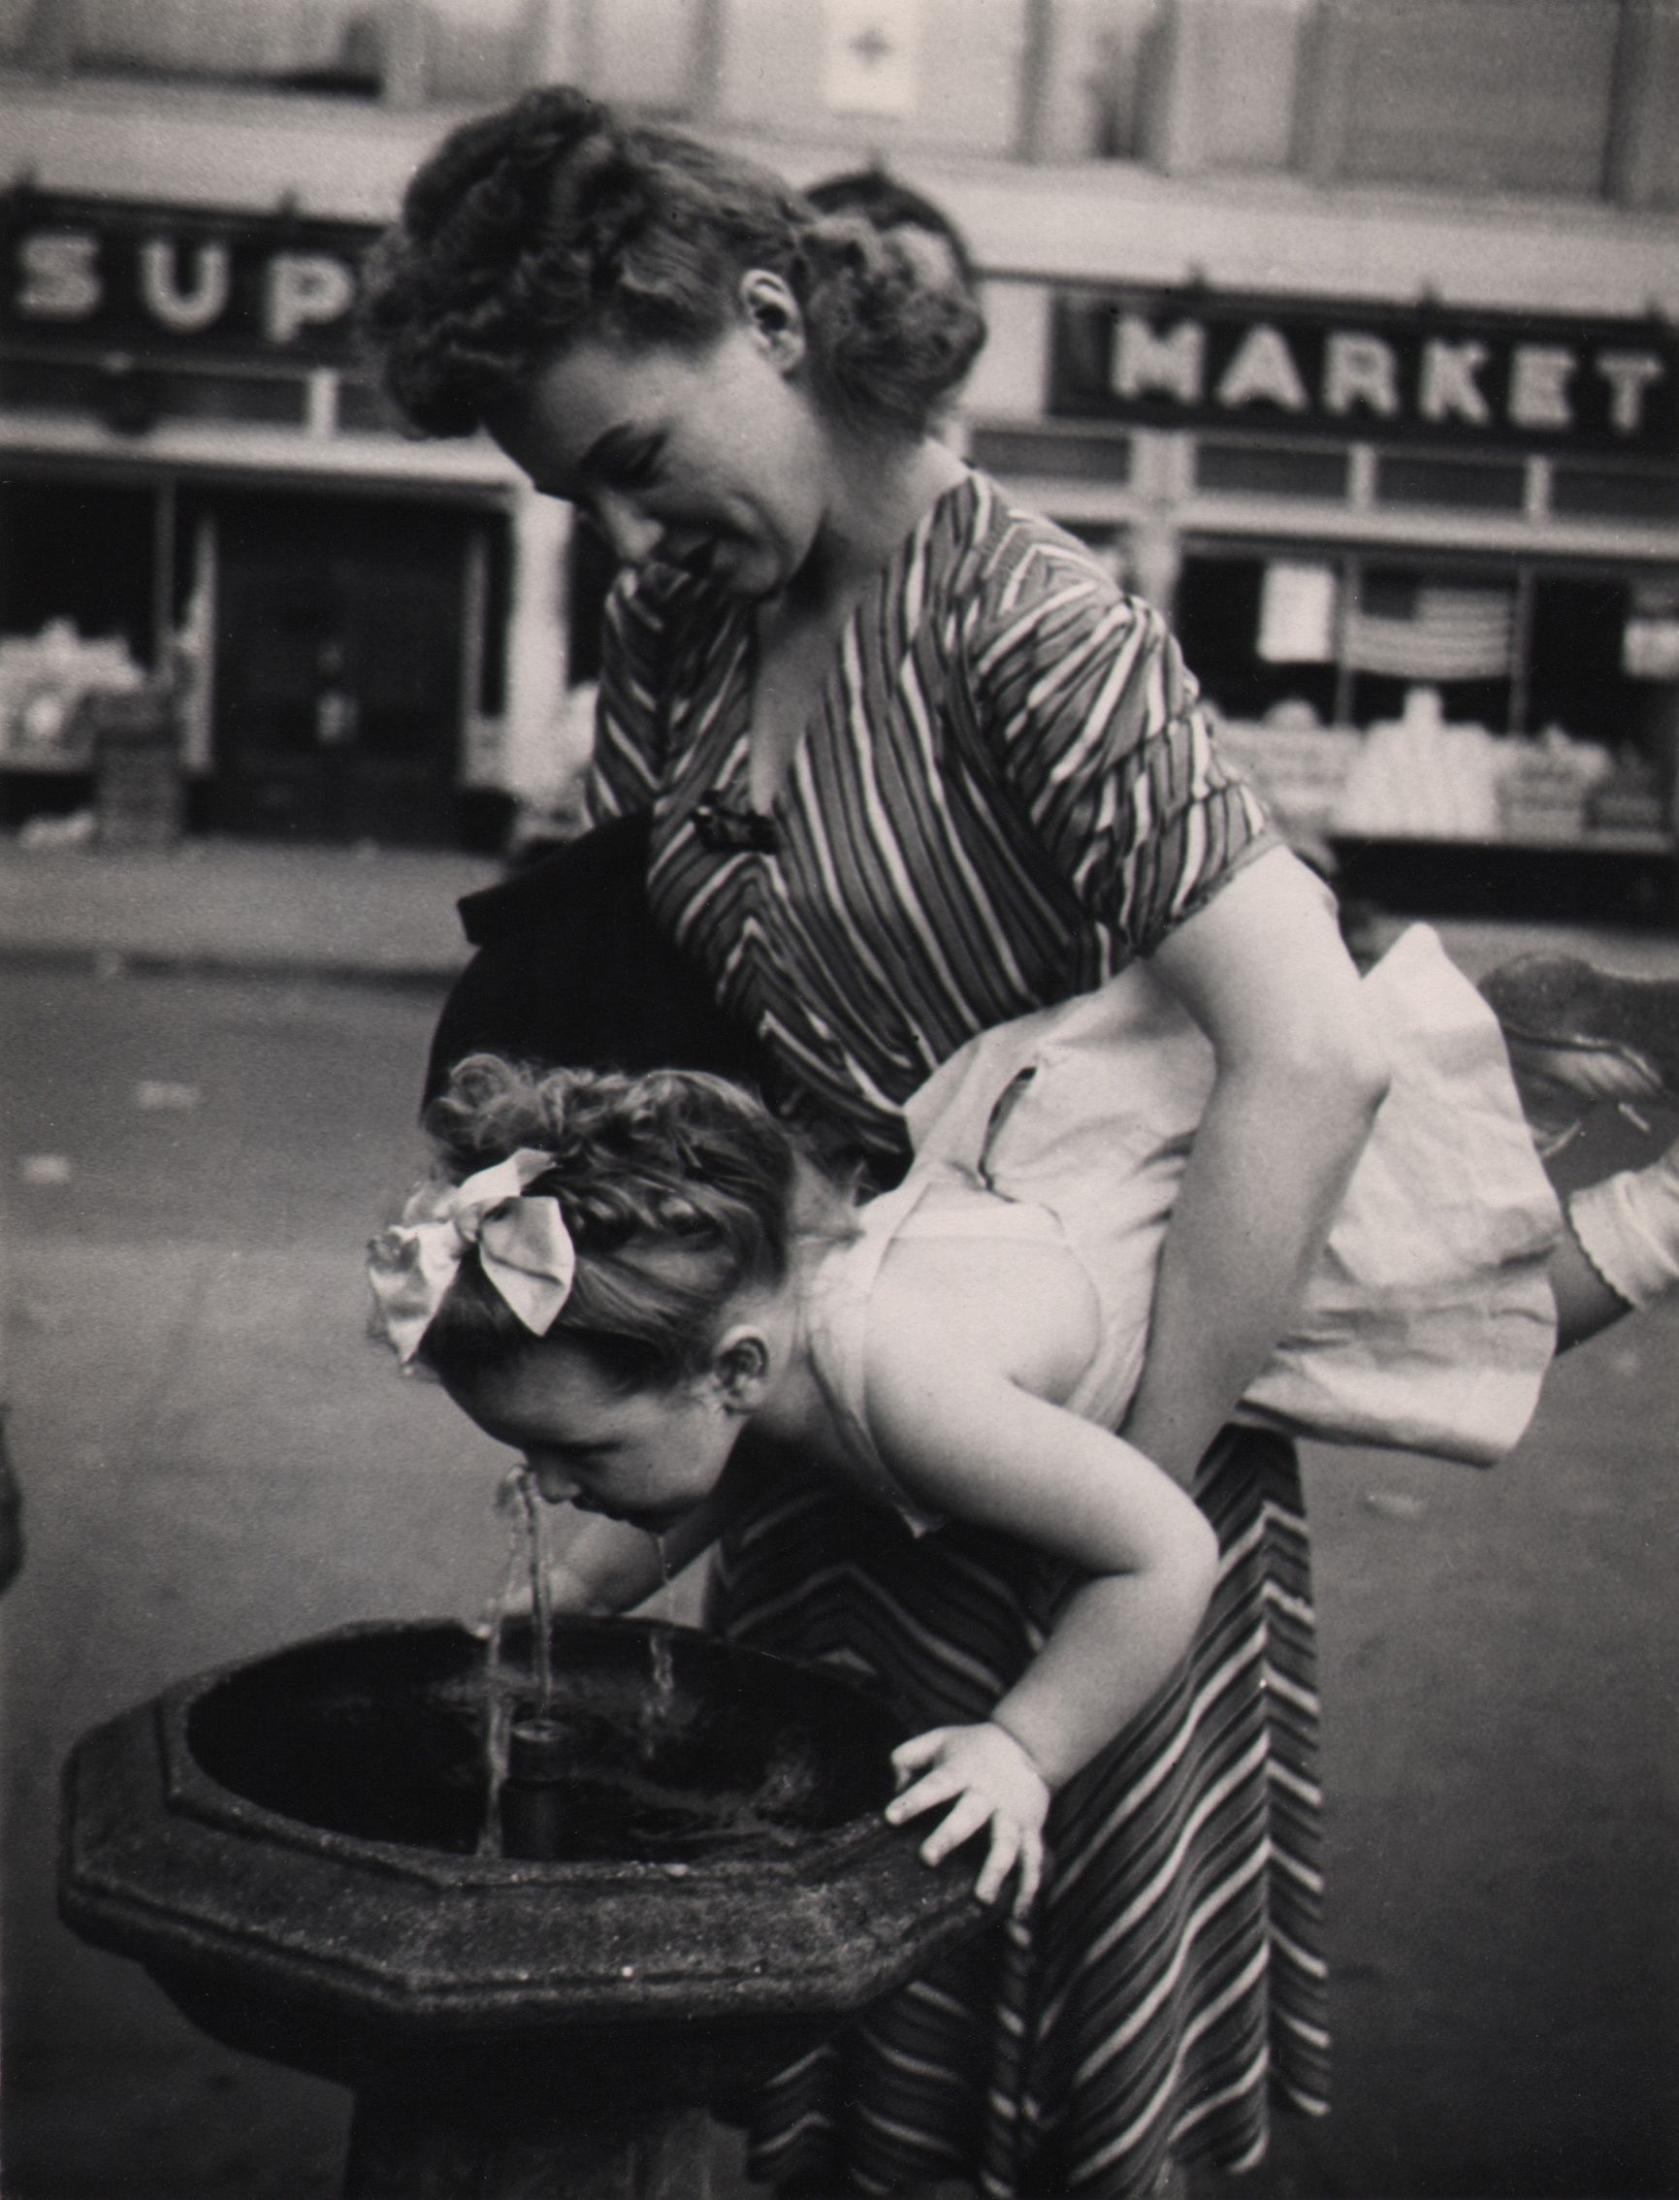 Jeanne Ebstel, Untitled, c. 1949